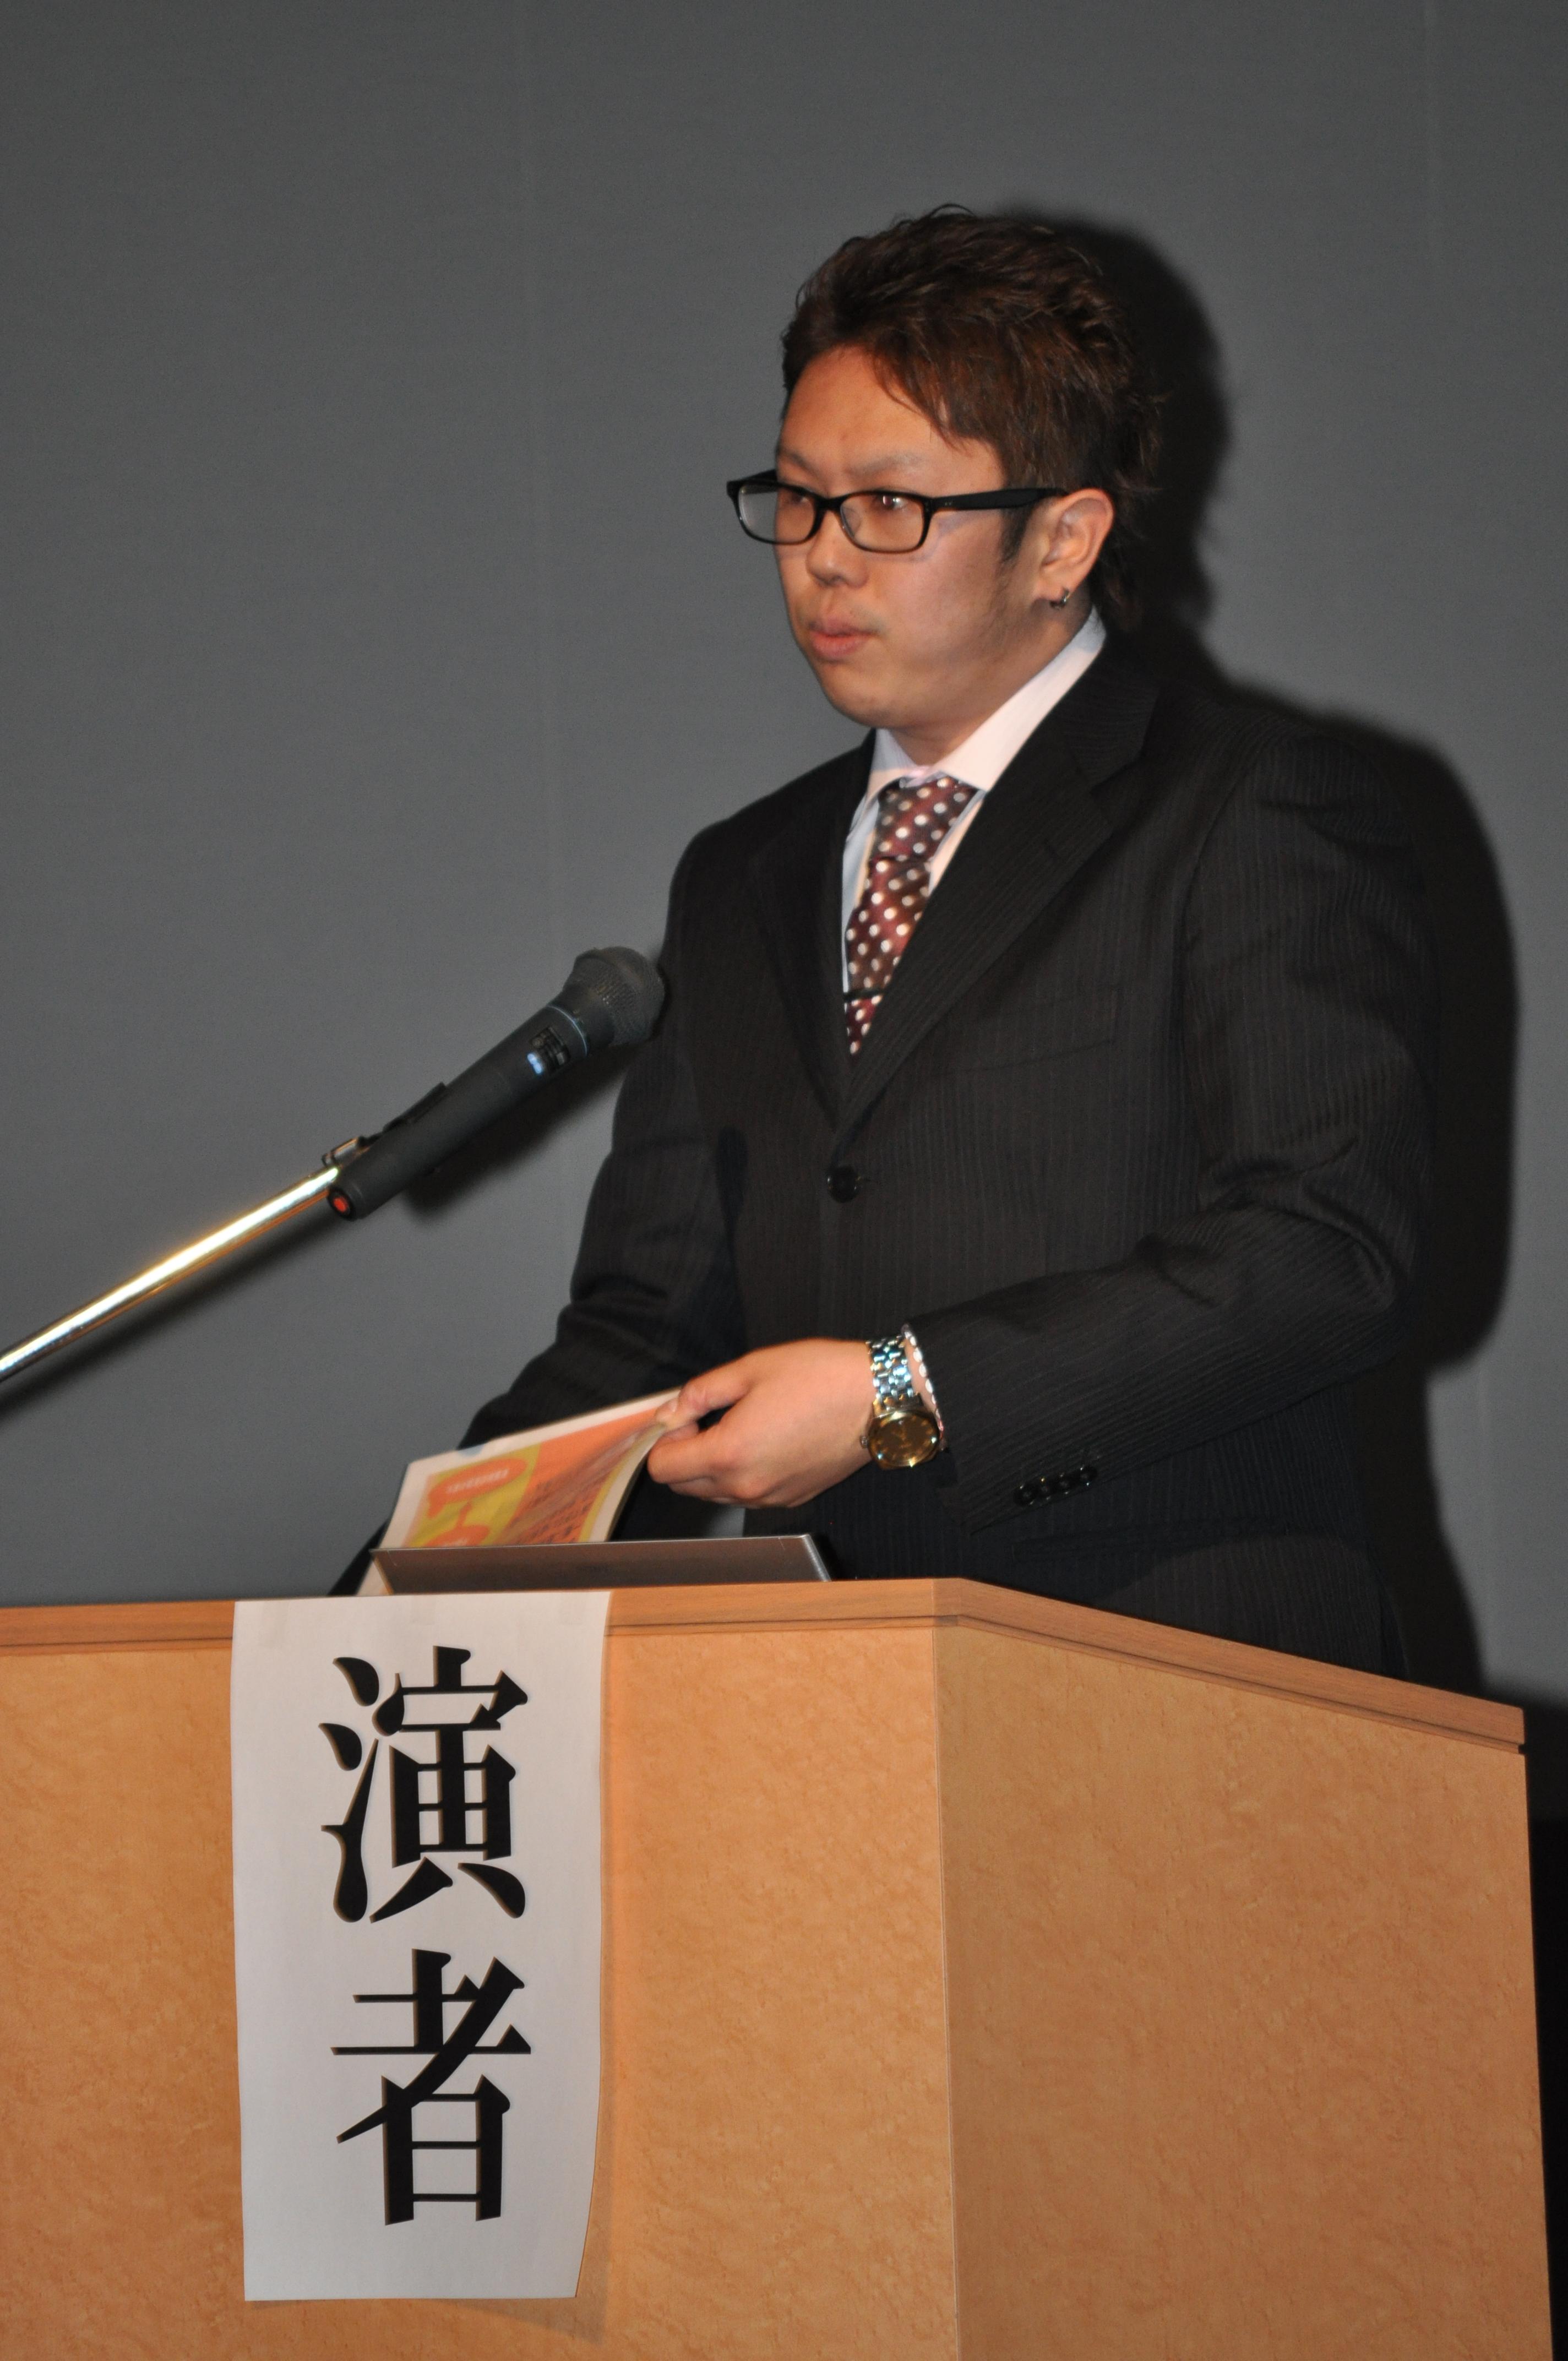 学術奨励賞を受賞した井上翔平の演題発表